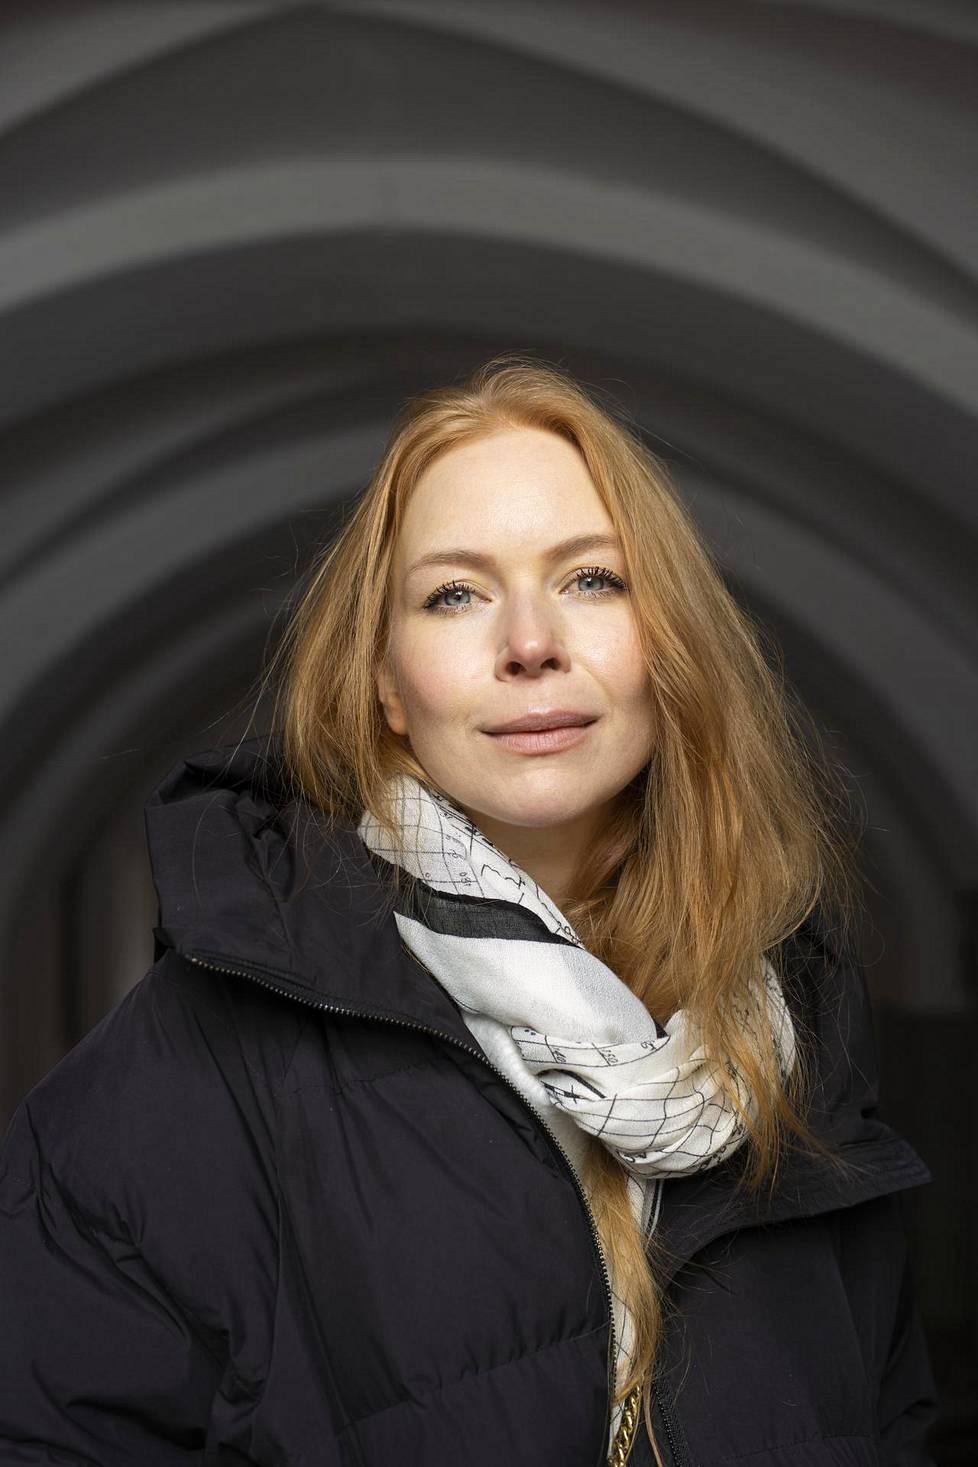 –Muille jätetyksi tulleille haluan sanoa, että uskon tulevaisuudessa odottavan vielä suurempia seikkailuja ja syvempiä kokemuksia ihmissuhteista, Jenny Rostain sanoo.